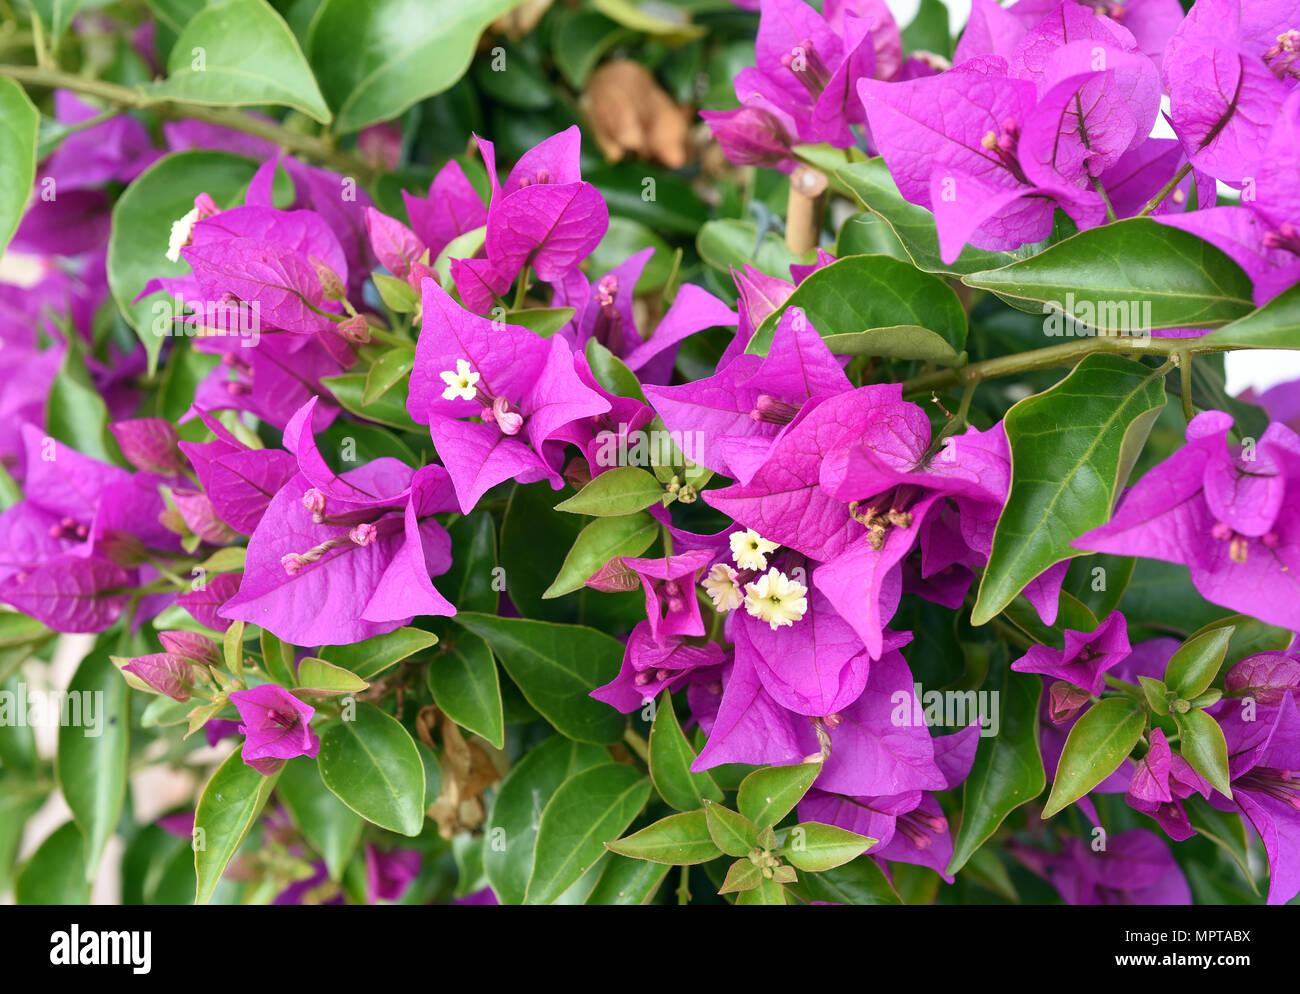 Bougainvillea, Glabra, Spectabilis, Drillingsblume, Kletterpflanze Stock Photo